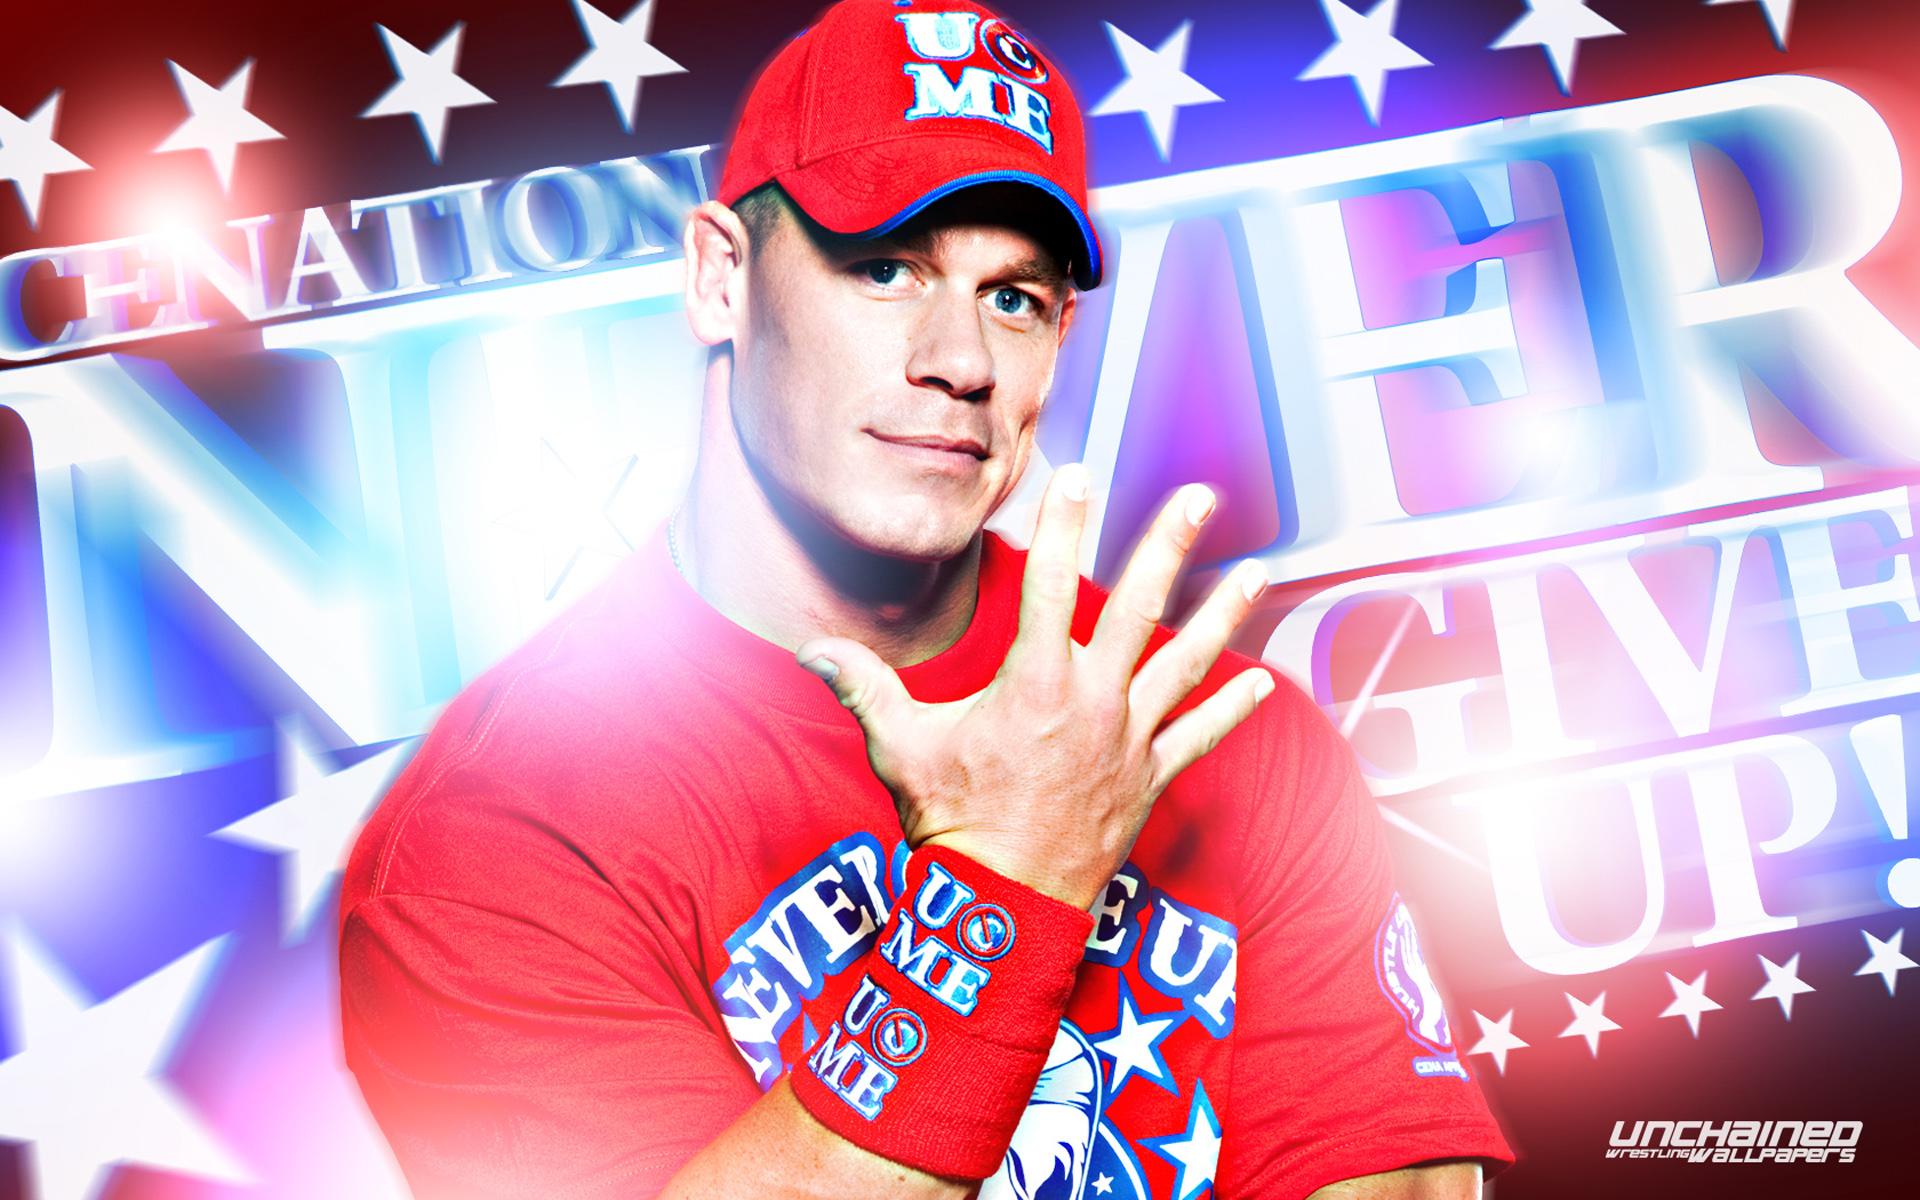 John Cena 2013